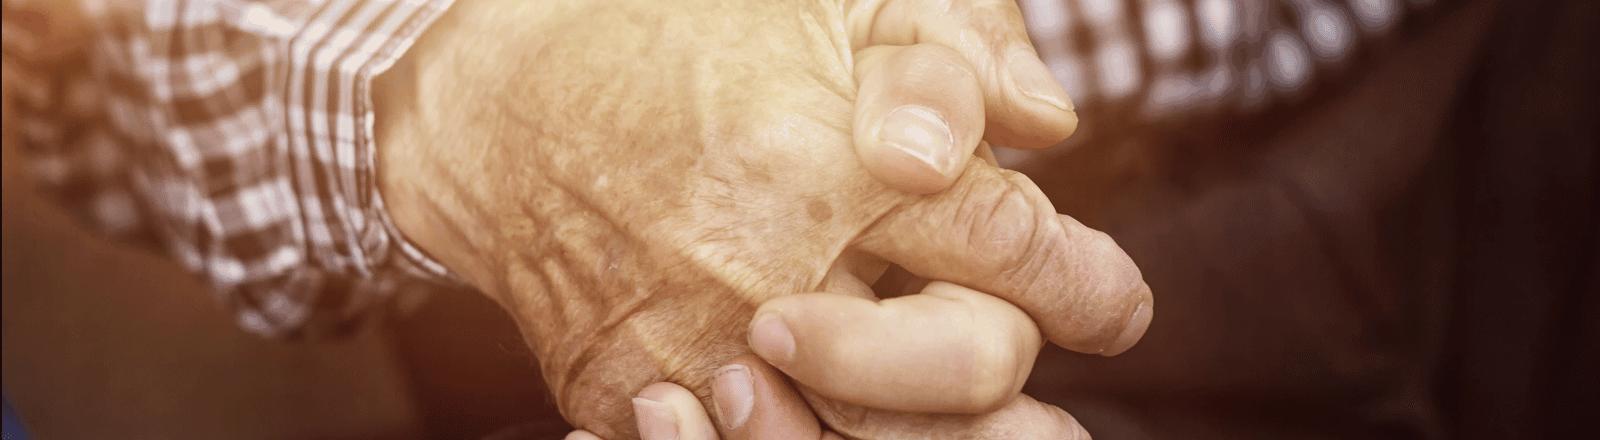 Frau hält die Hand eines alten Mannes